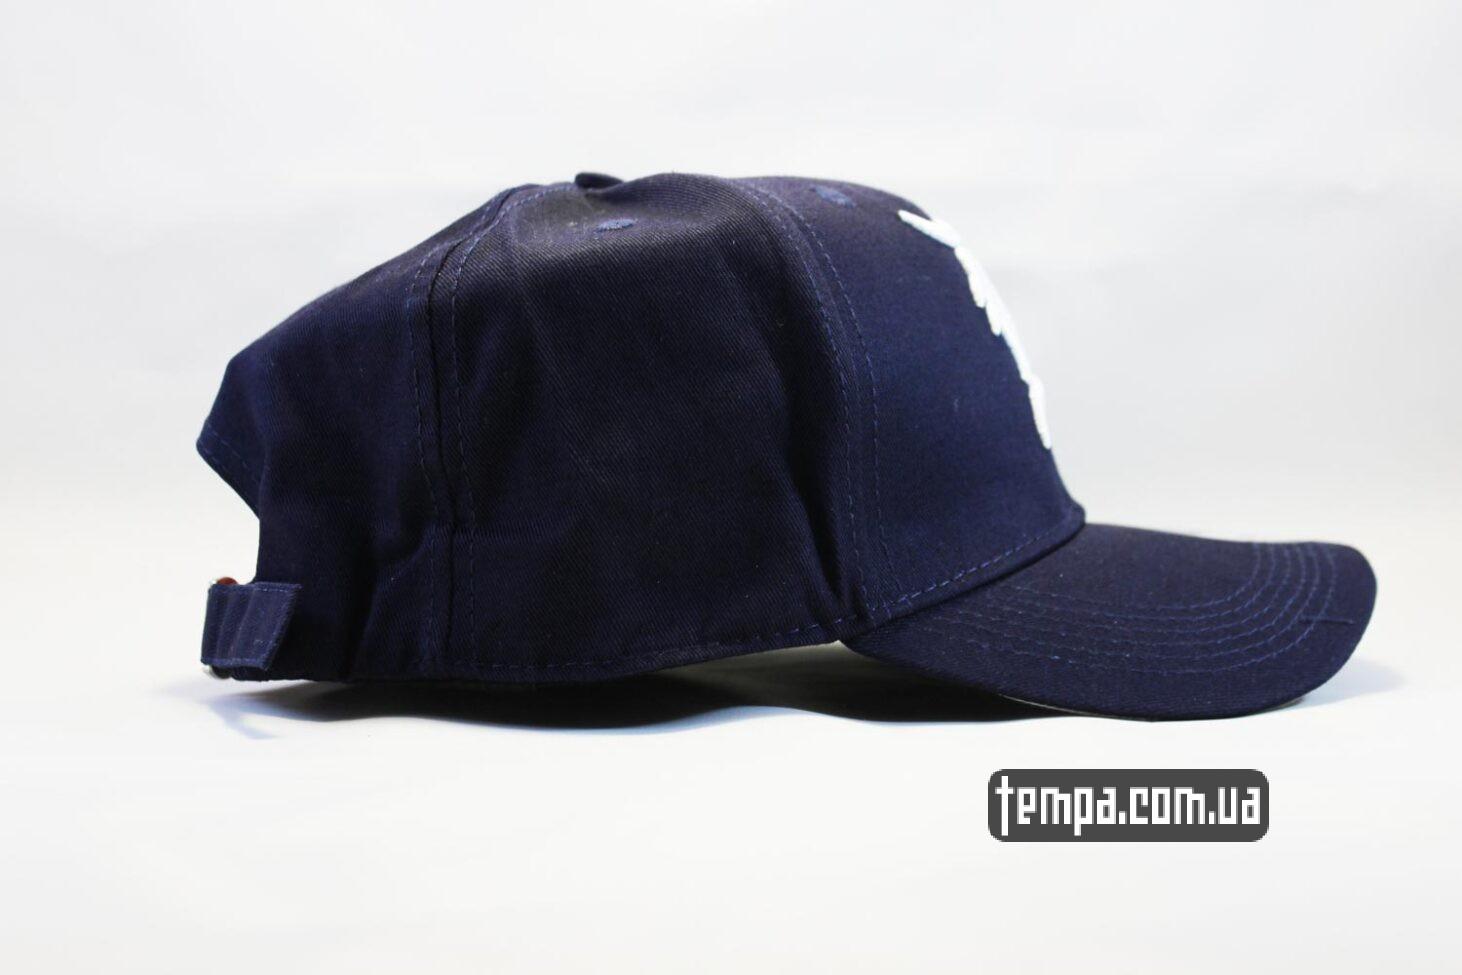 синий снепбек Украина кепка бейсболка Detroit New Era круглый козырек купить